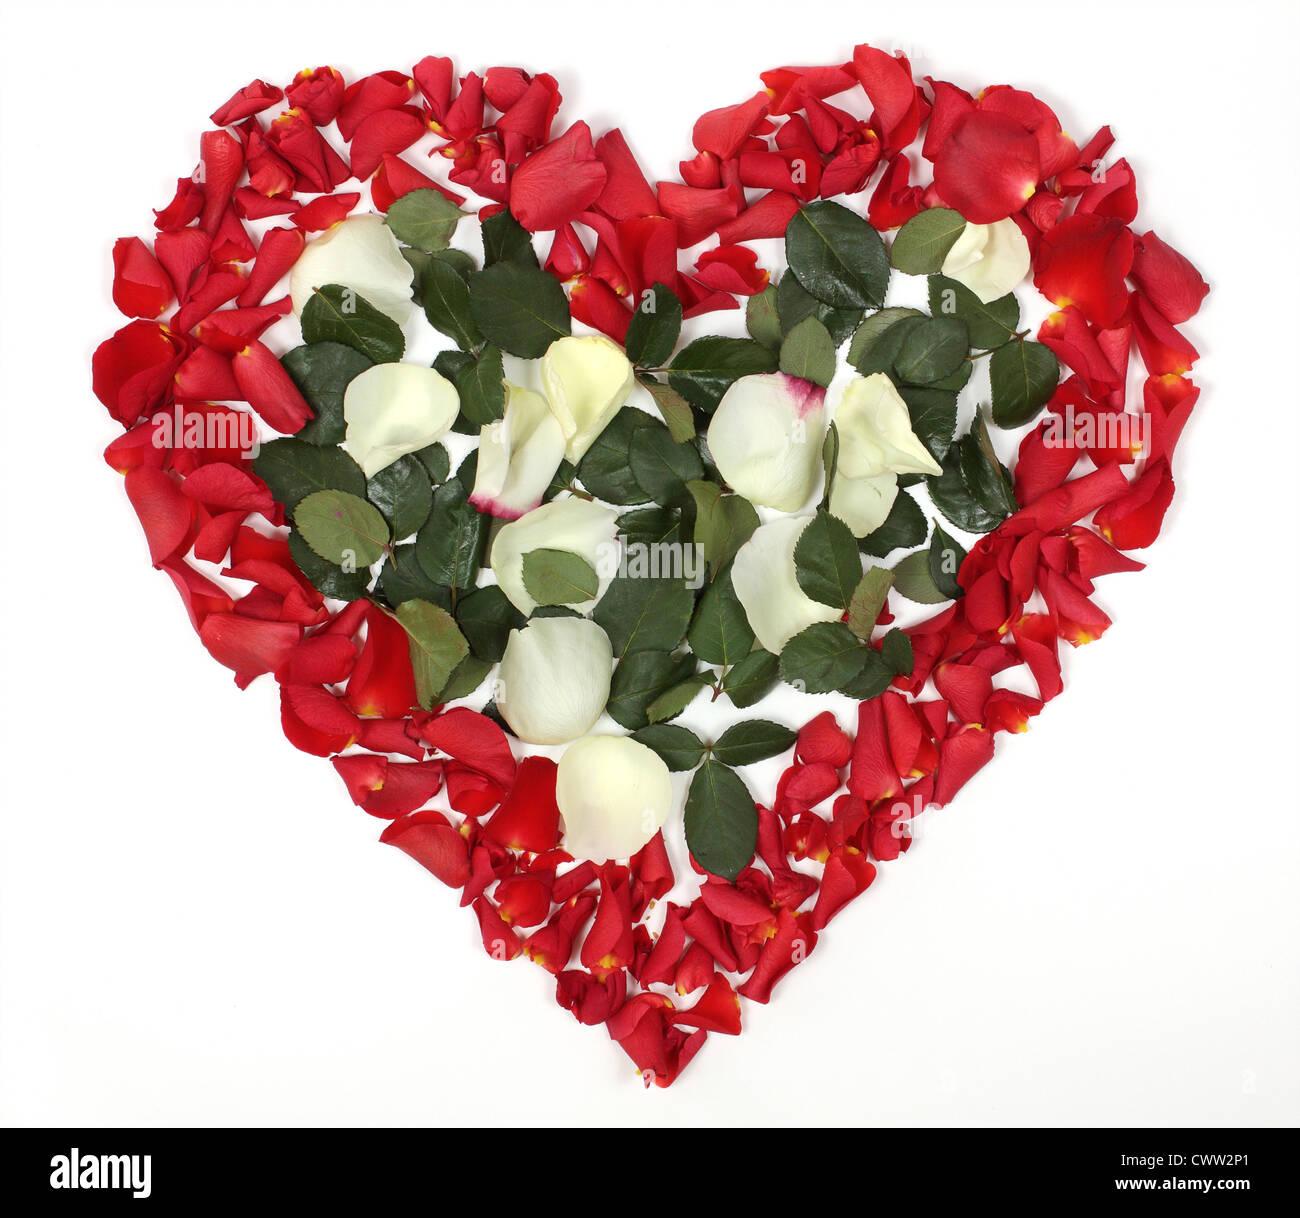 En Forme De Coeur Bouquet De Roses Rouges Et Blanches Sur Fond Blanc